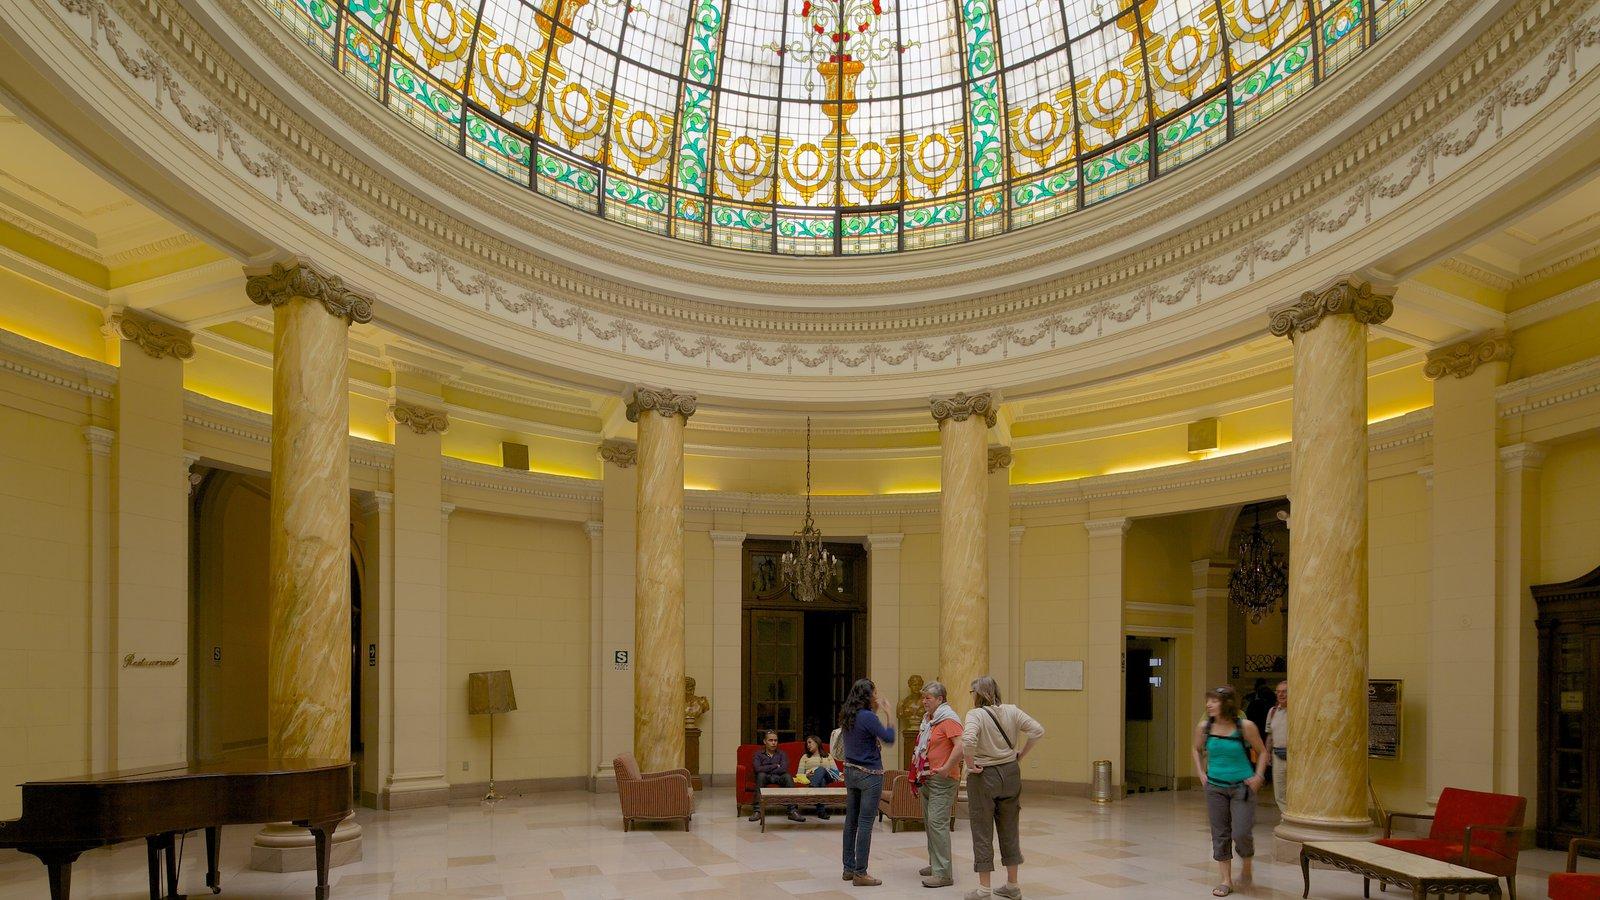 Plaza San Martin que inclui vistas internas e arquitetura de patrimônio assim como um grande grupo de pessoas